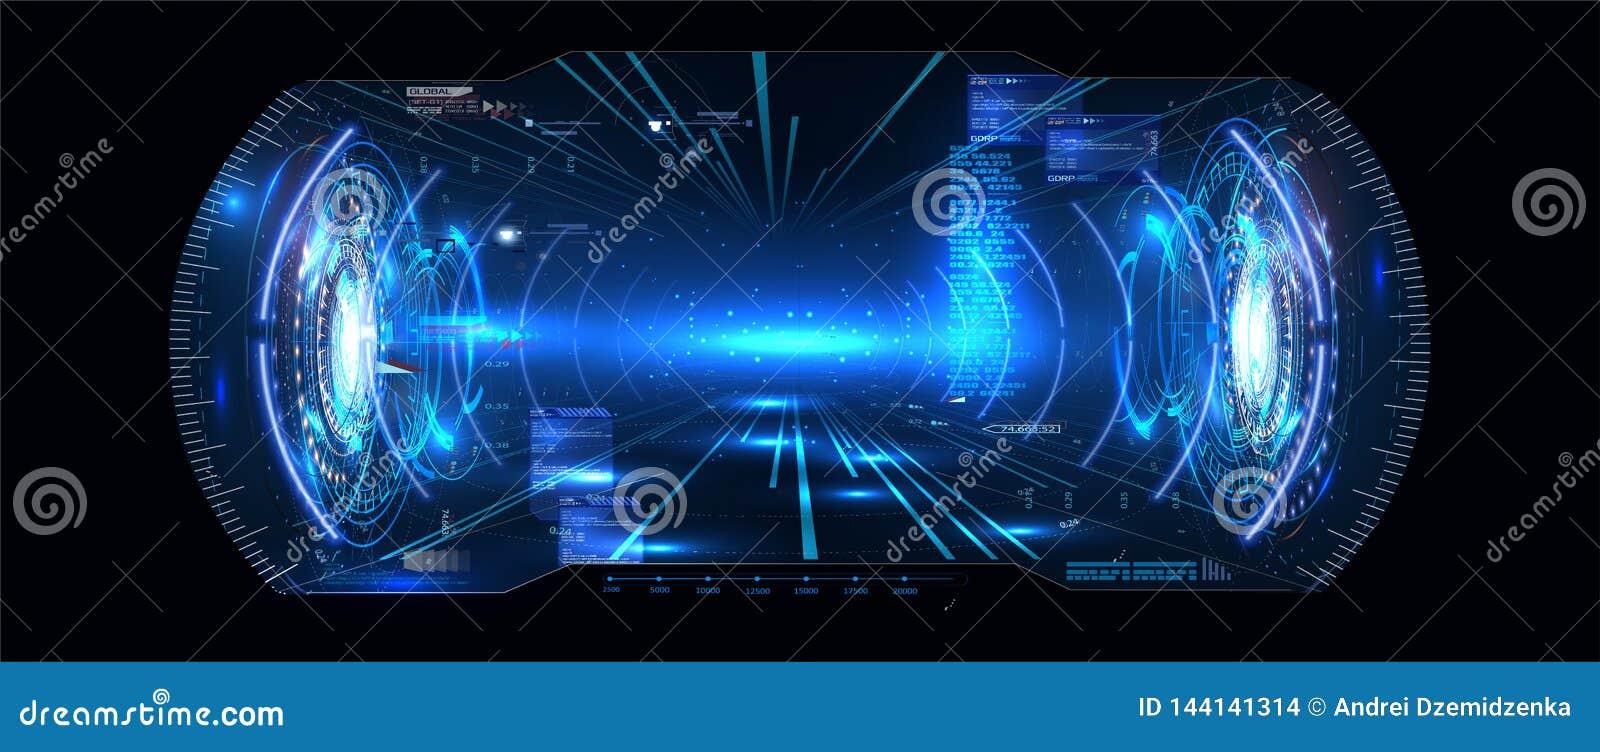 Affichage à lecture tête haute futuriste HUD UI GUI Interface Screen Design du vecteur VR Réalité virtuelle Interface utilisateur